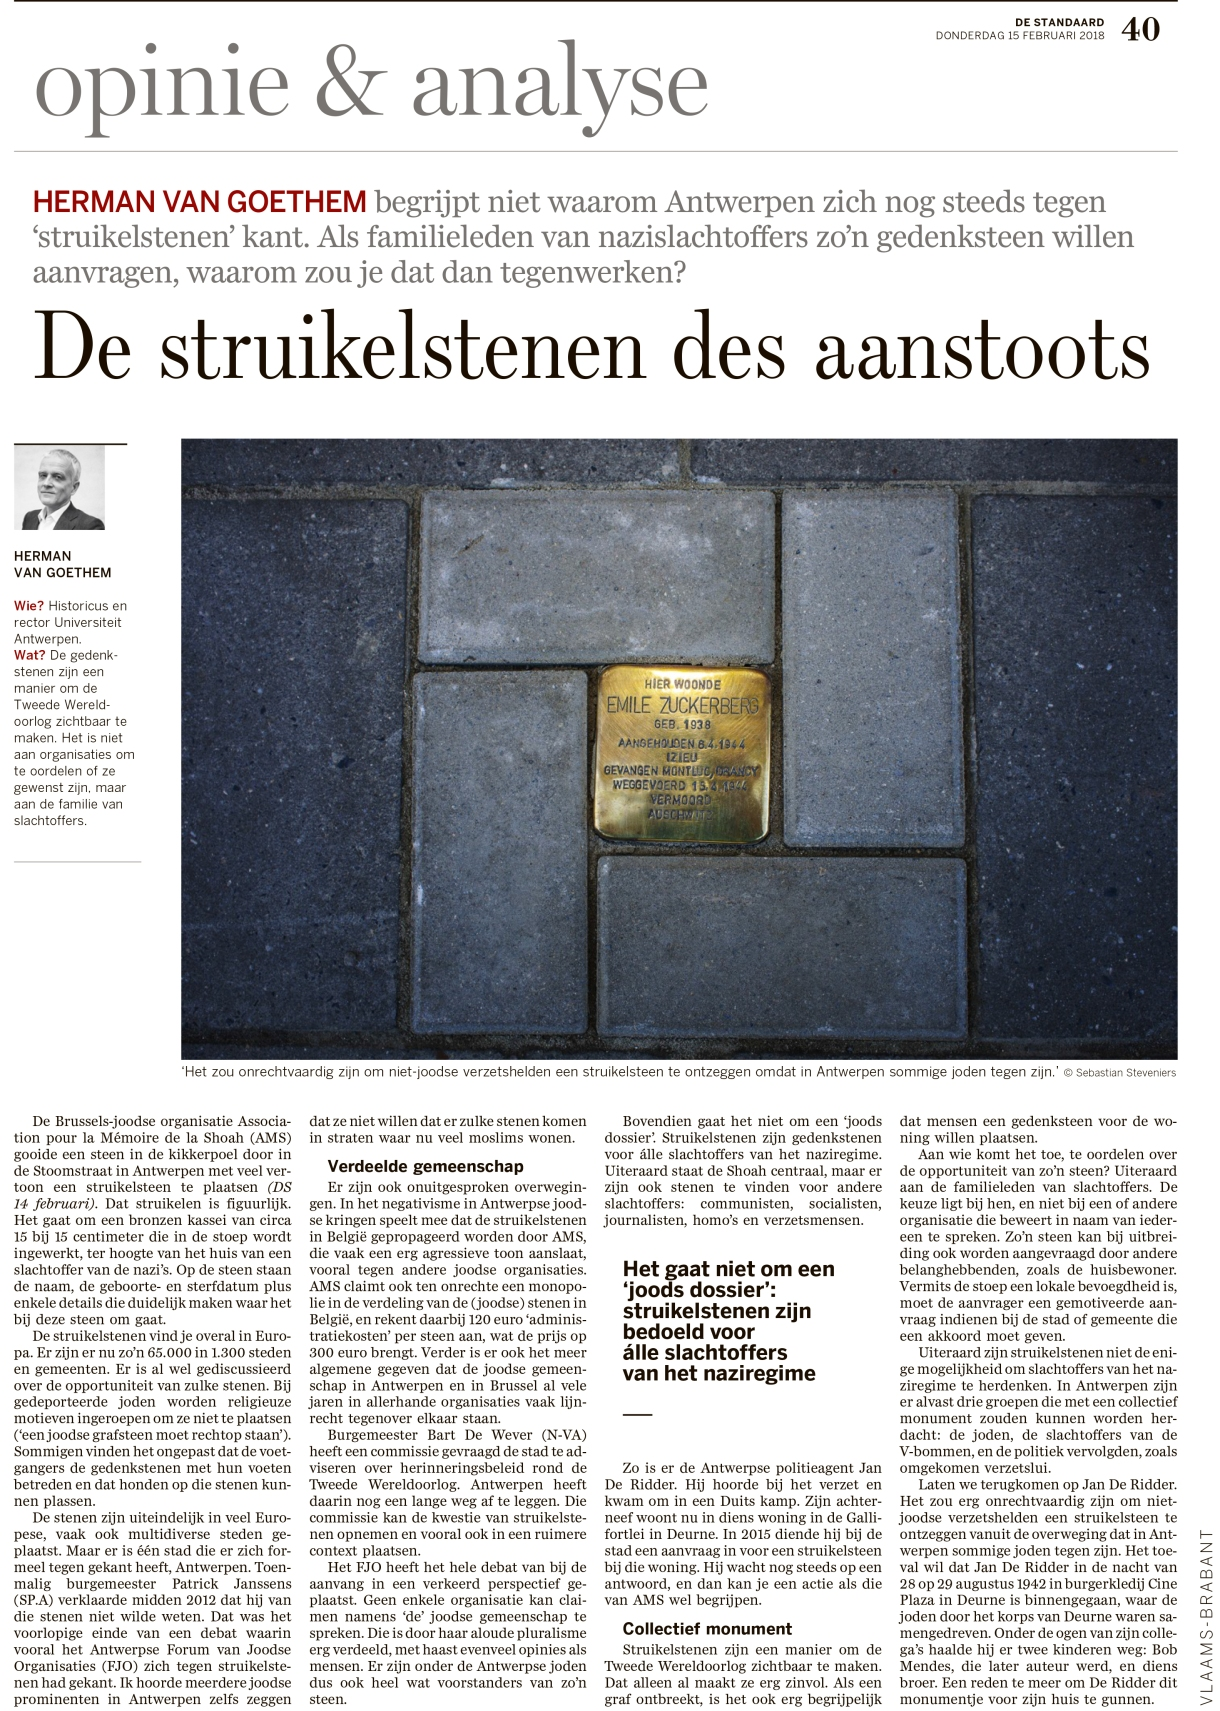 ANVERS1--HERMAN-VAN-GOETHEM--OPINIE-De-Standaard-Antwerpen-40